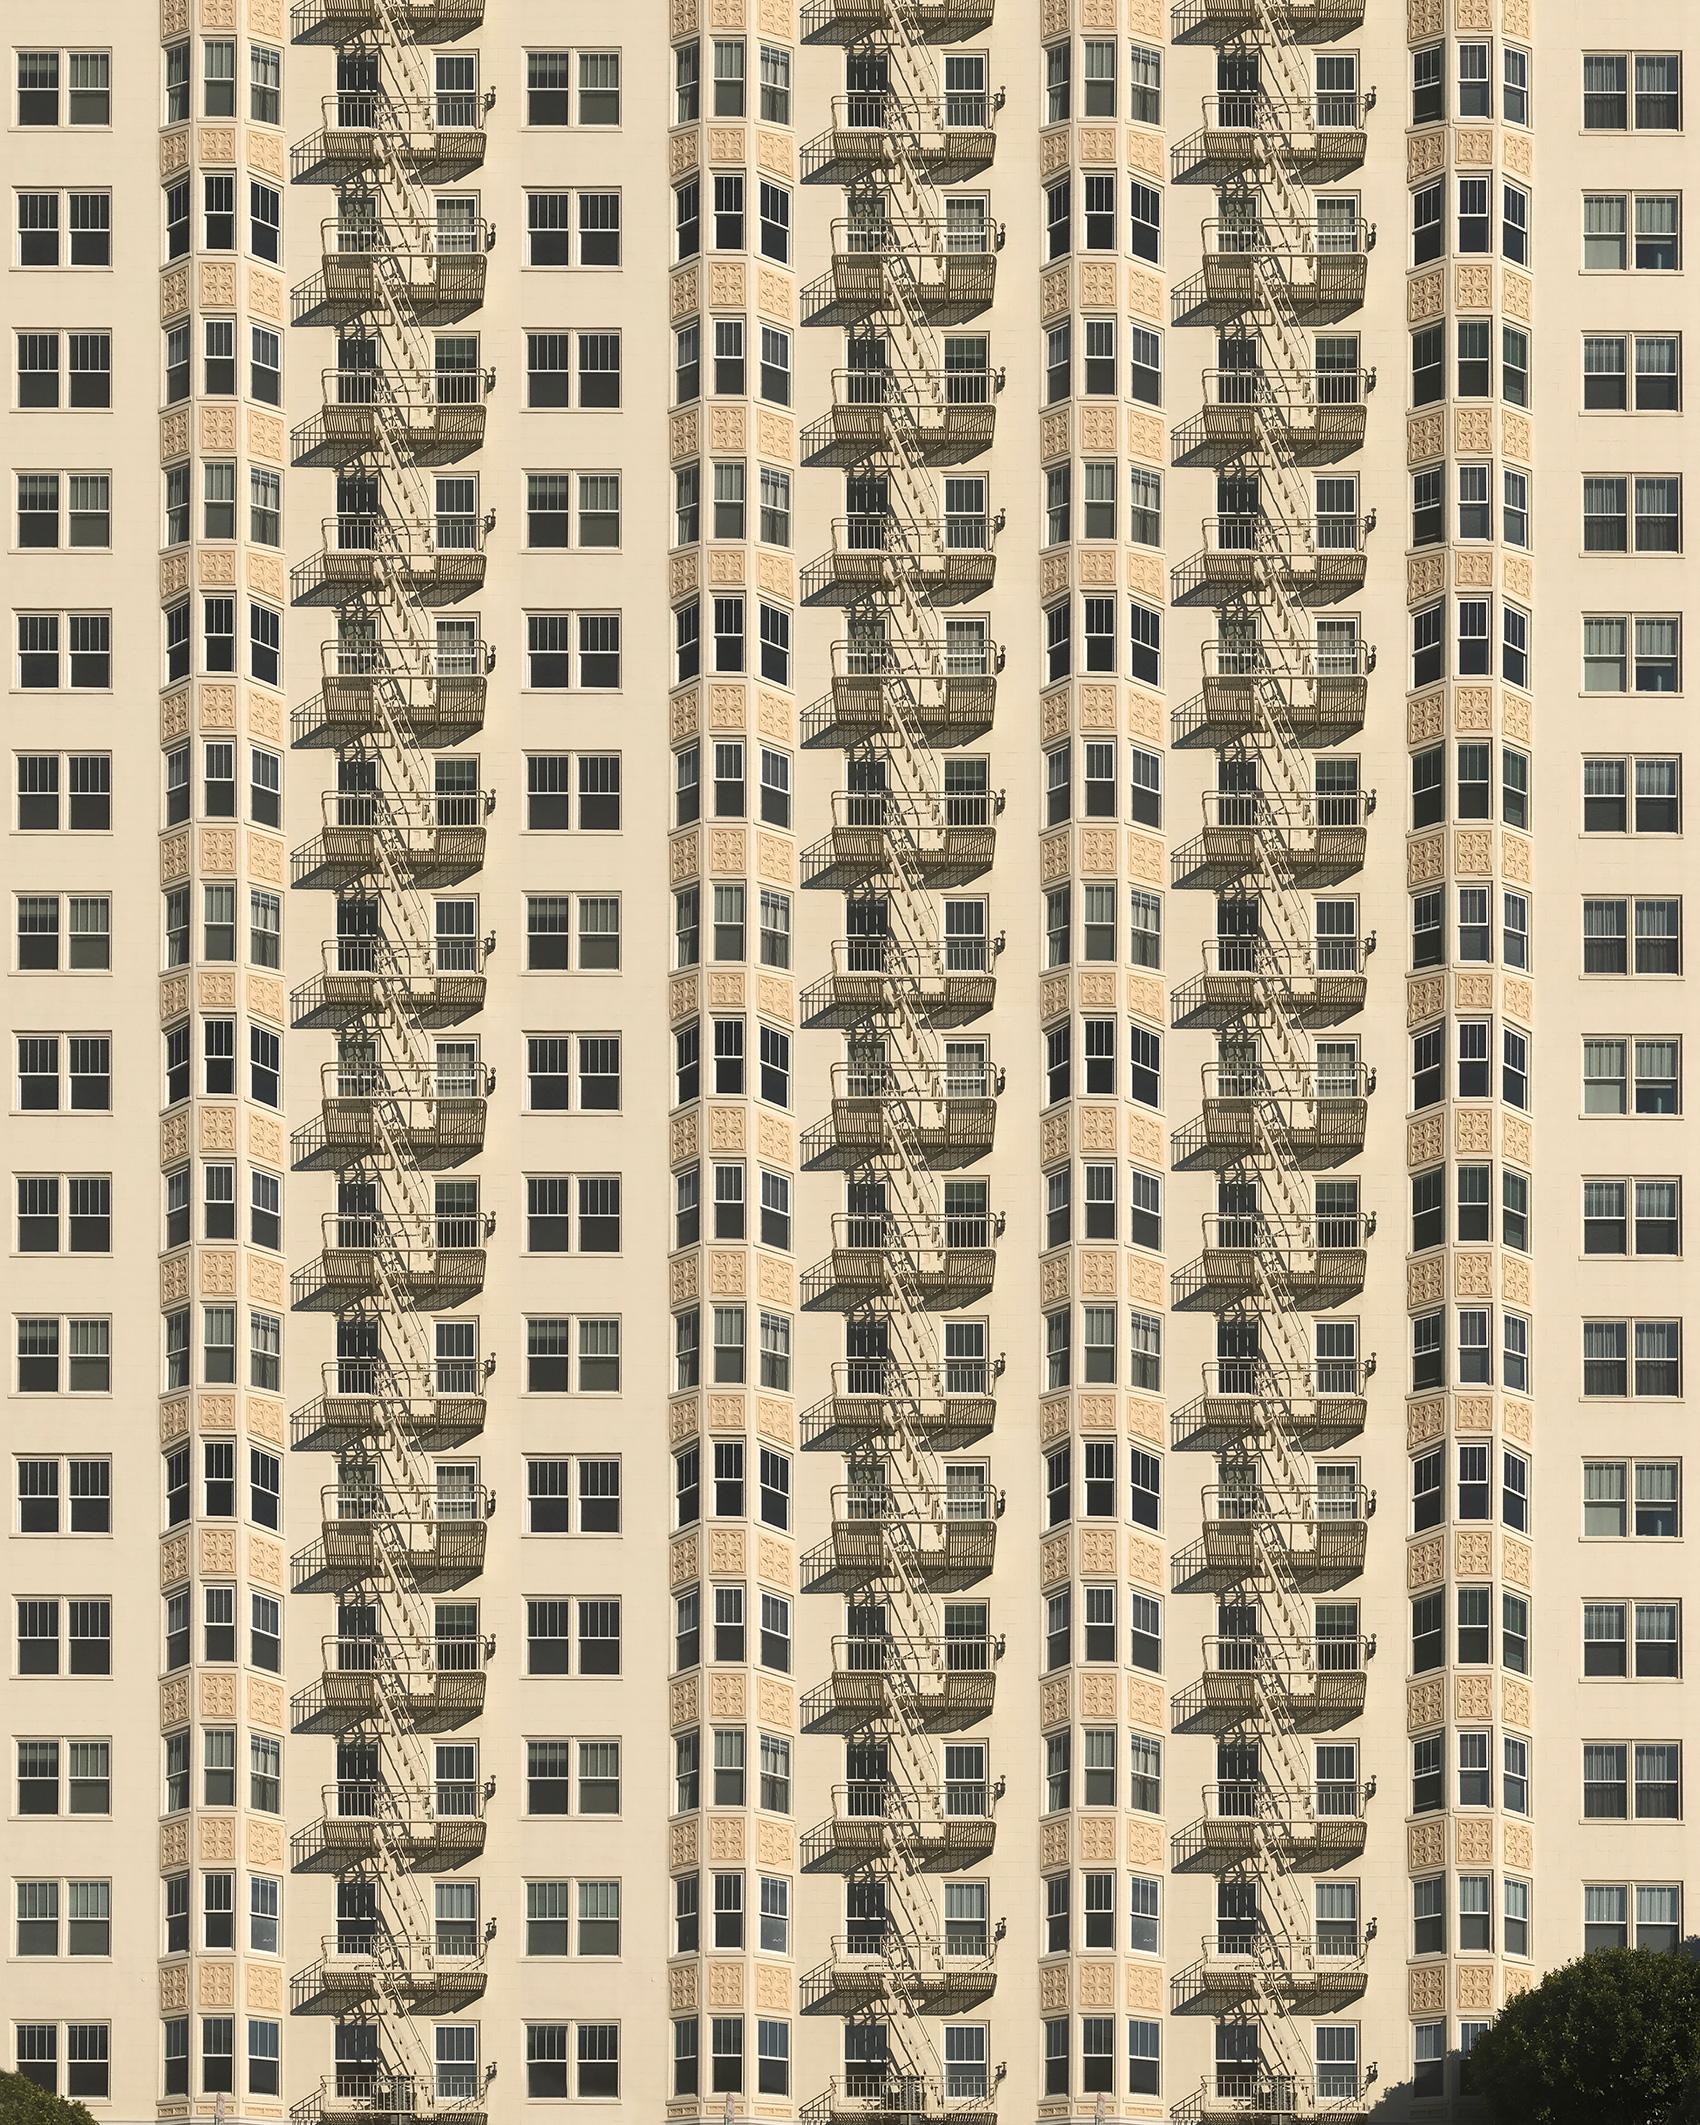 Le folli architetture di Eric Randall Morris | Collater.al 2